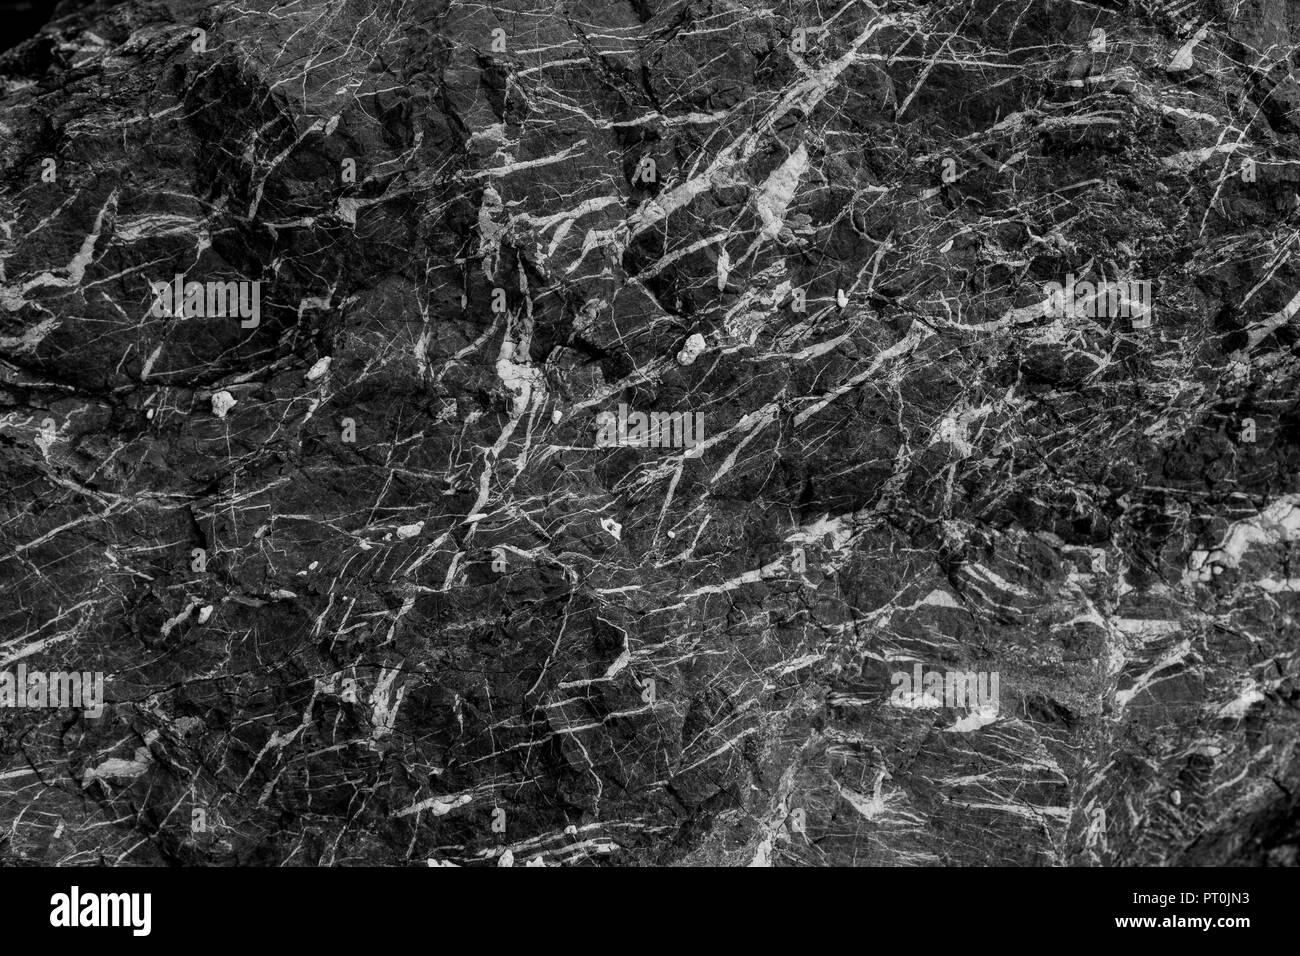 Textura De Mármol Negro Y Oscuro Fondo Abstracto Fotografía De Stock Alamy